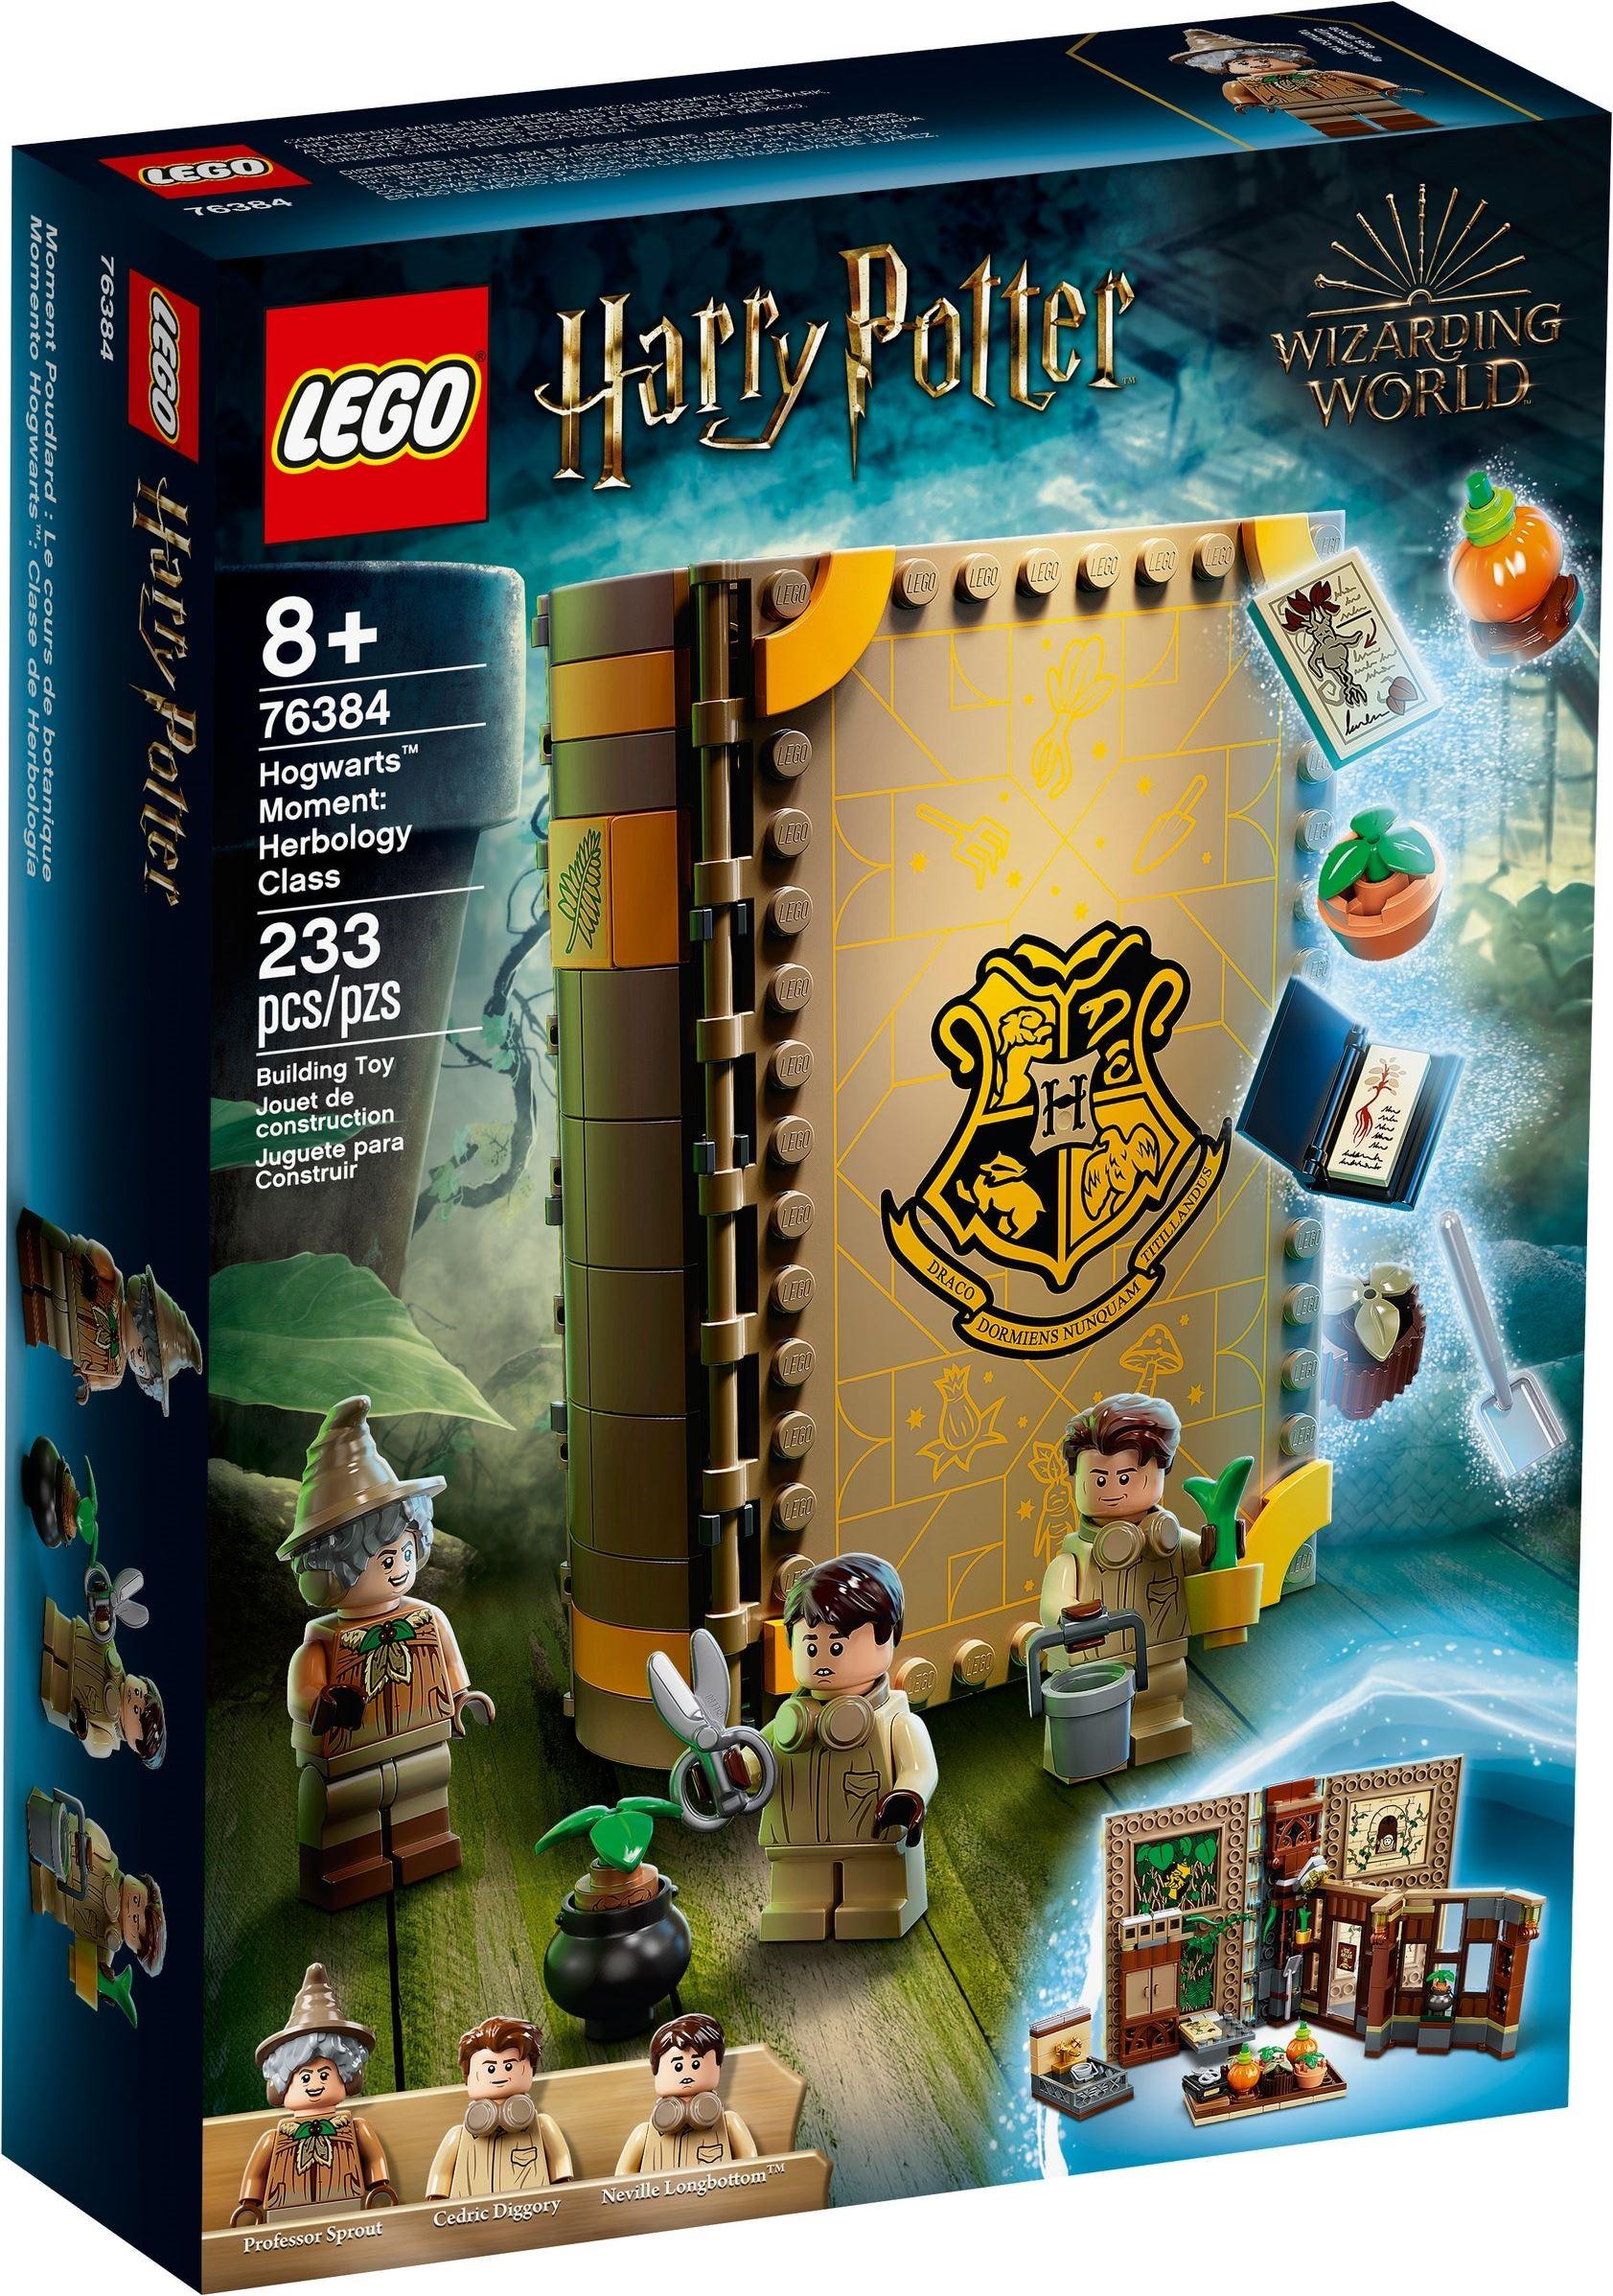 76384 Hogwarts Moment: Herbology Class